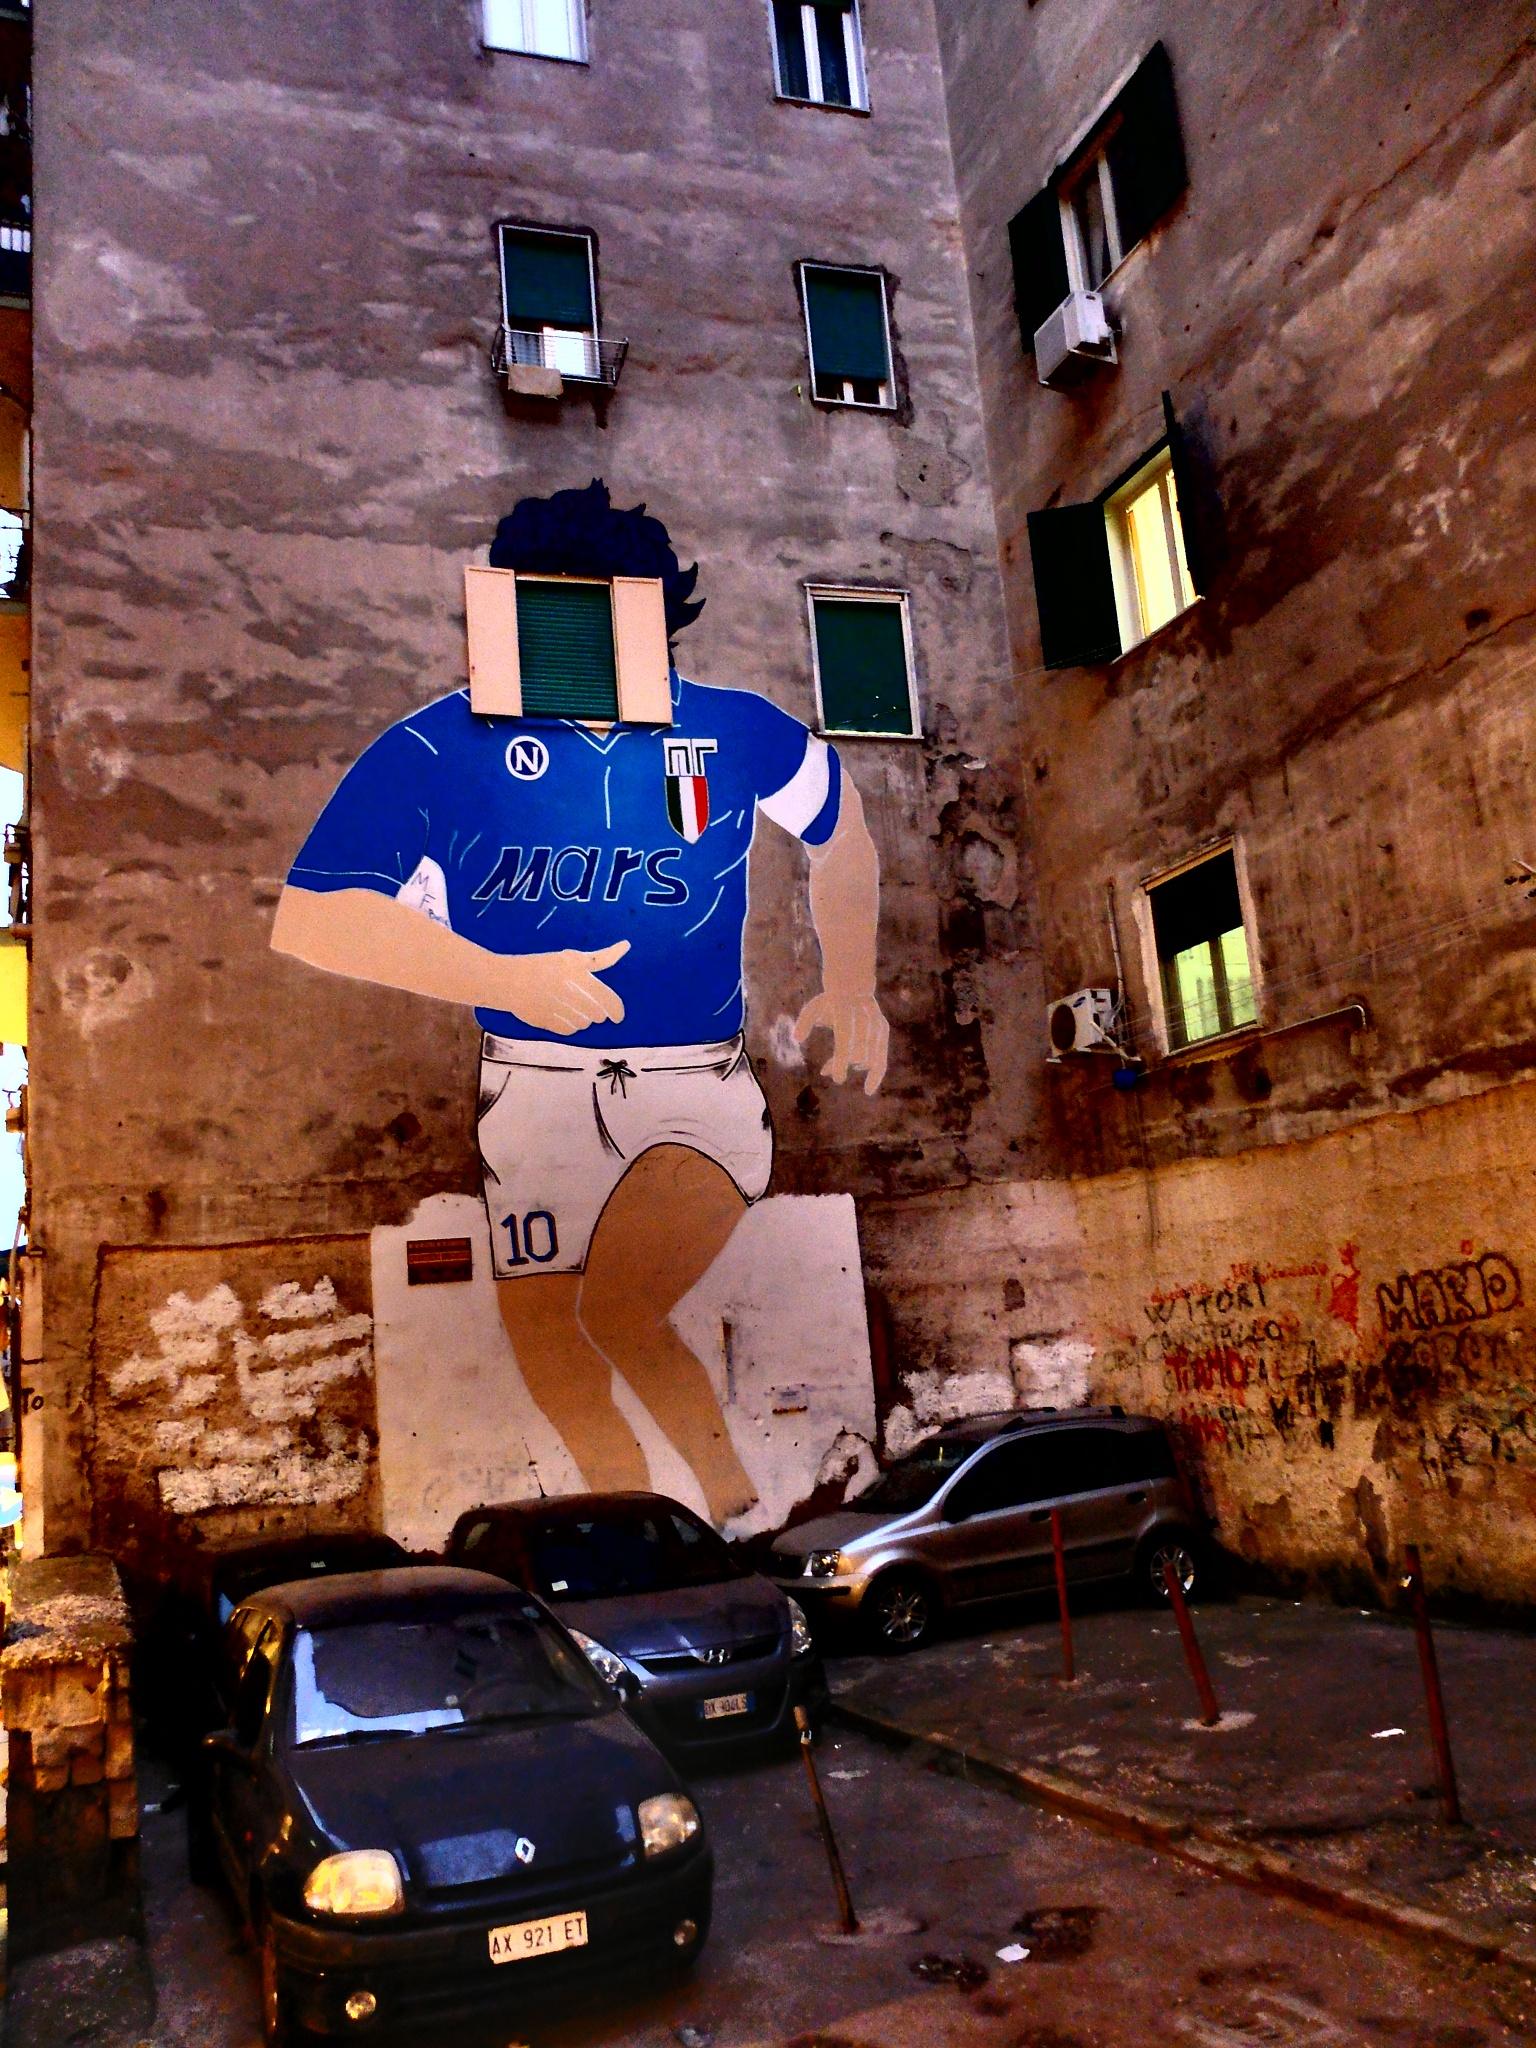 murales maradona in napoli by gigi.sorrentino1